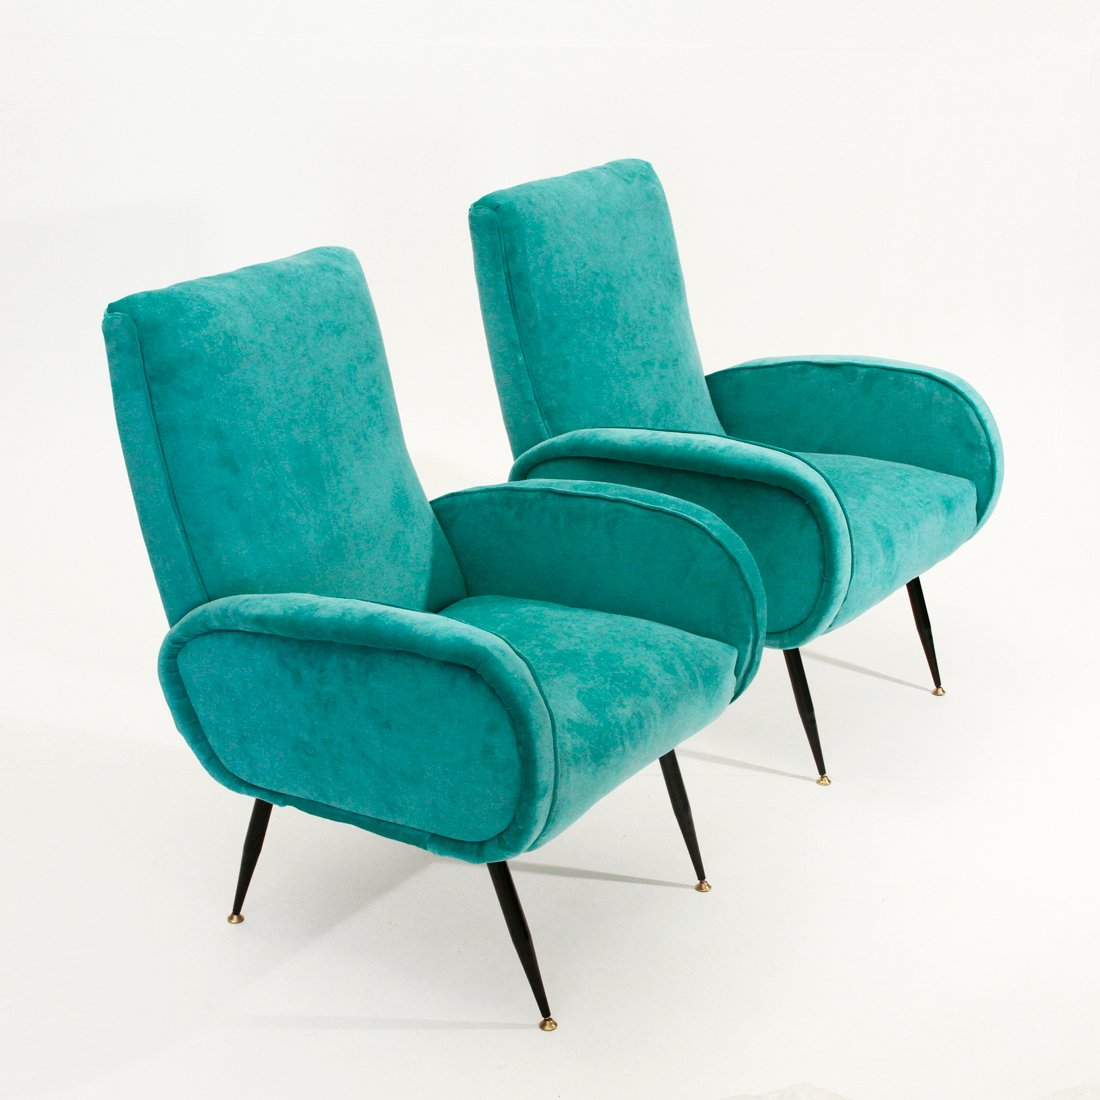 Italian Mid Century Blue Velvet Armchairs 1950s Set Of 2